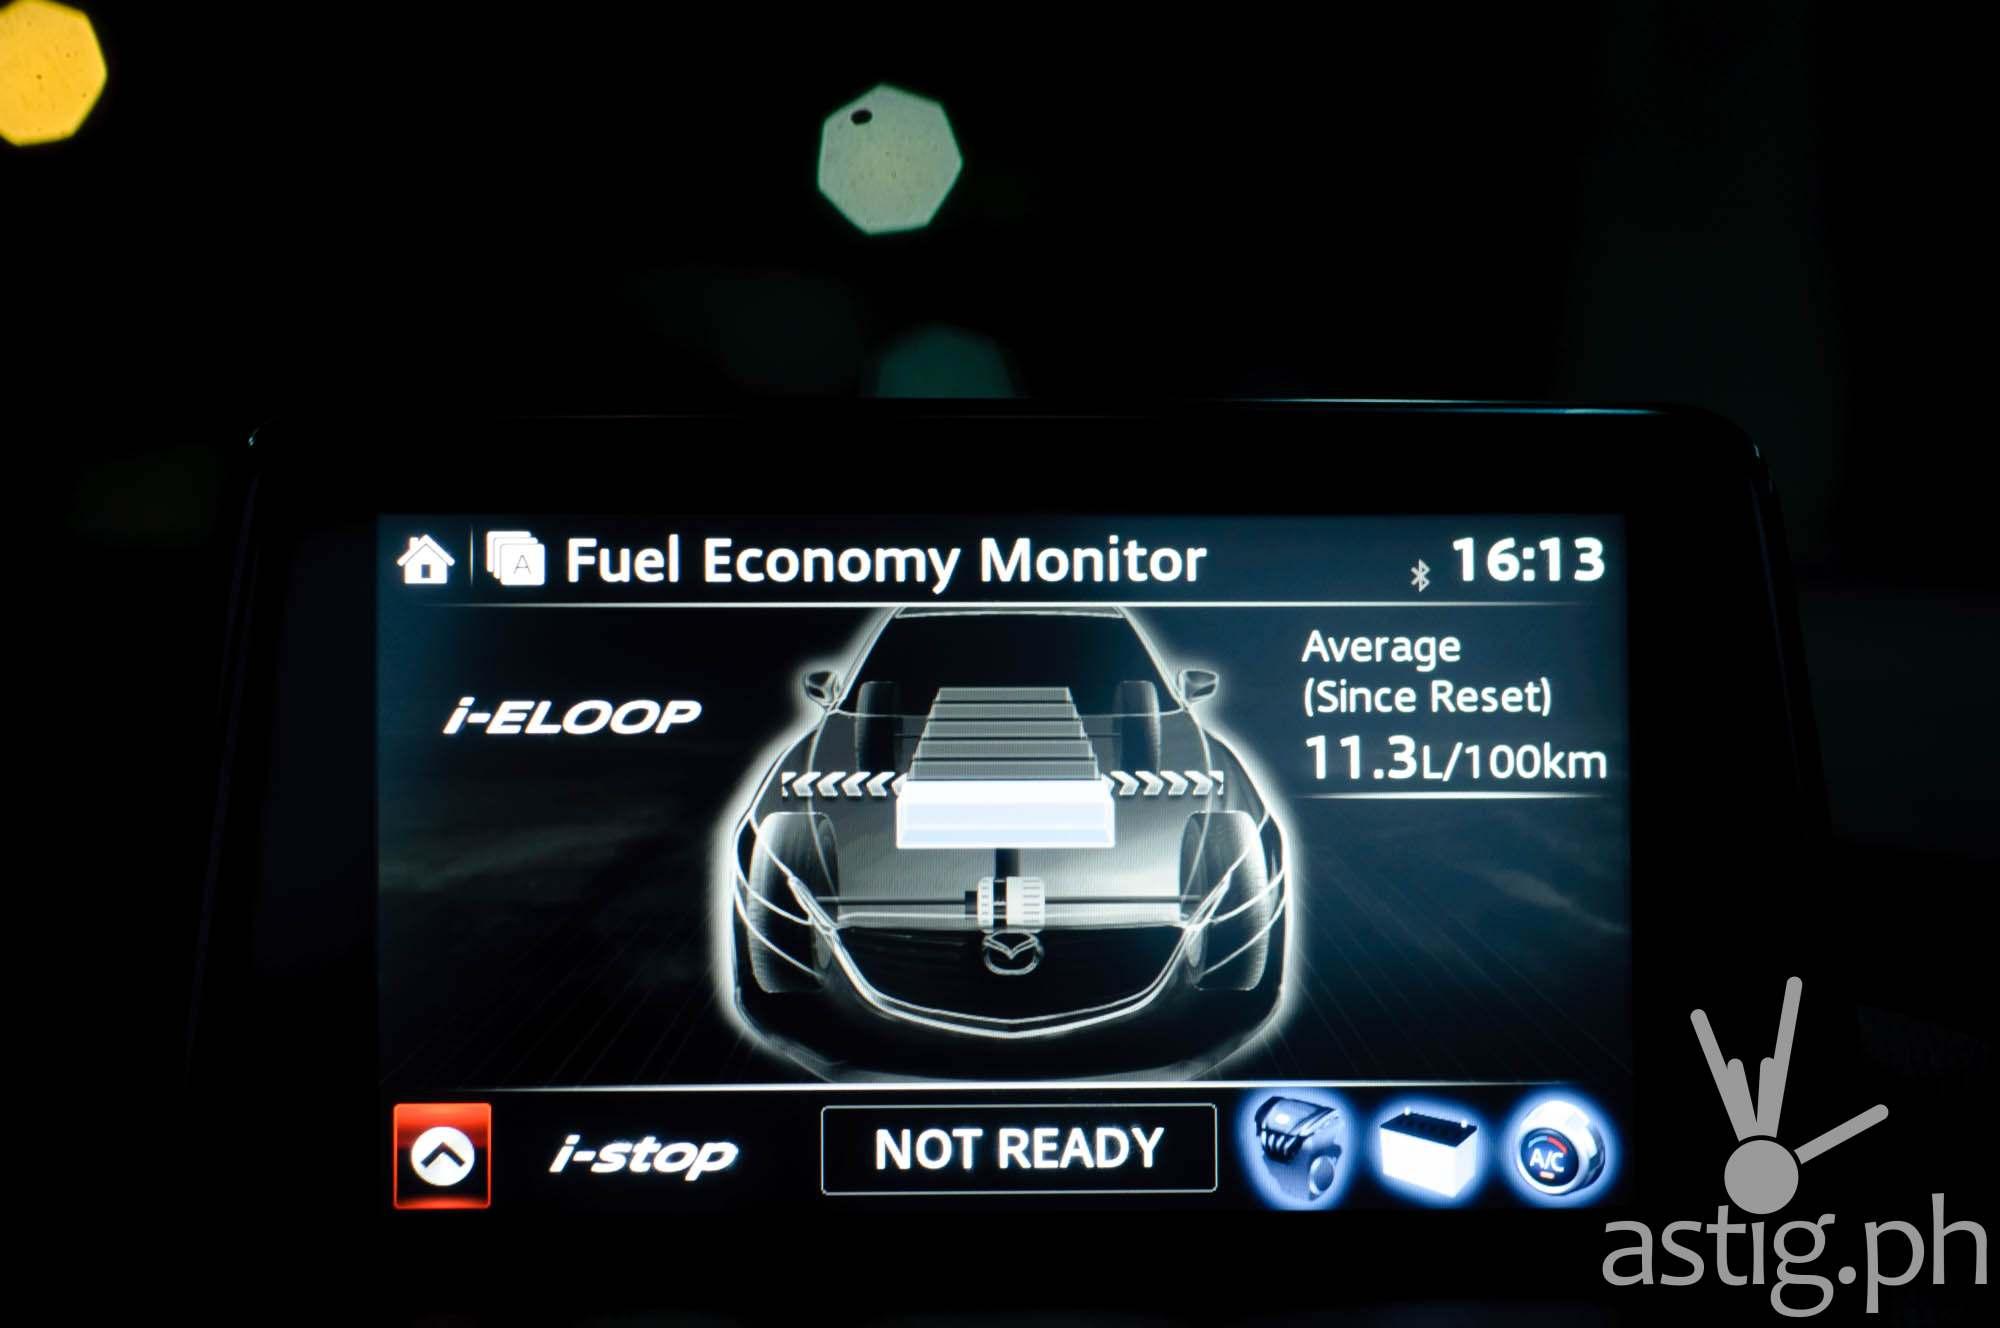 Mazda i-stop reset